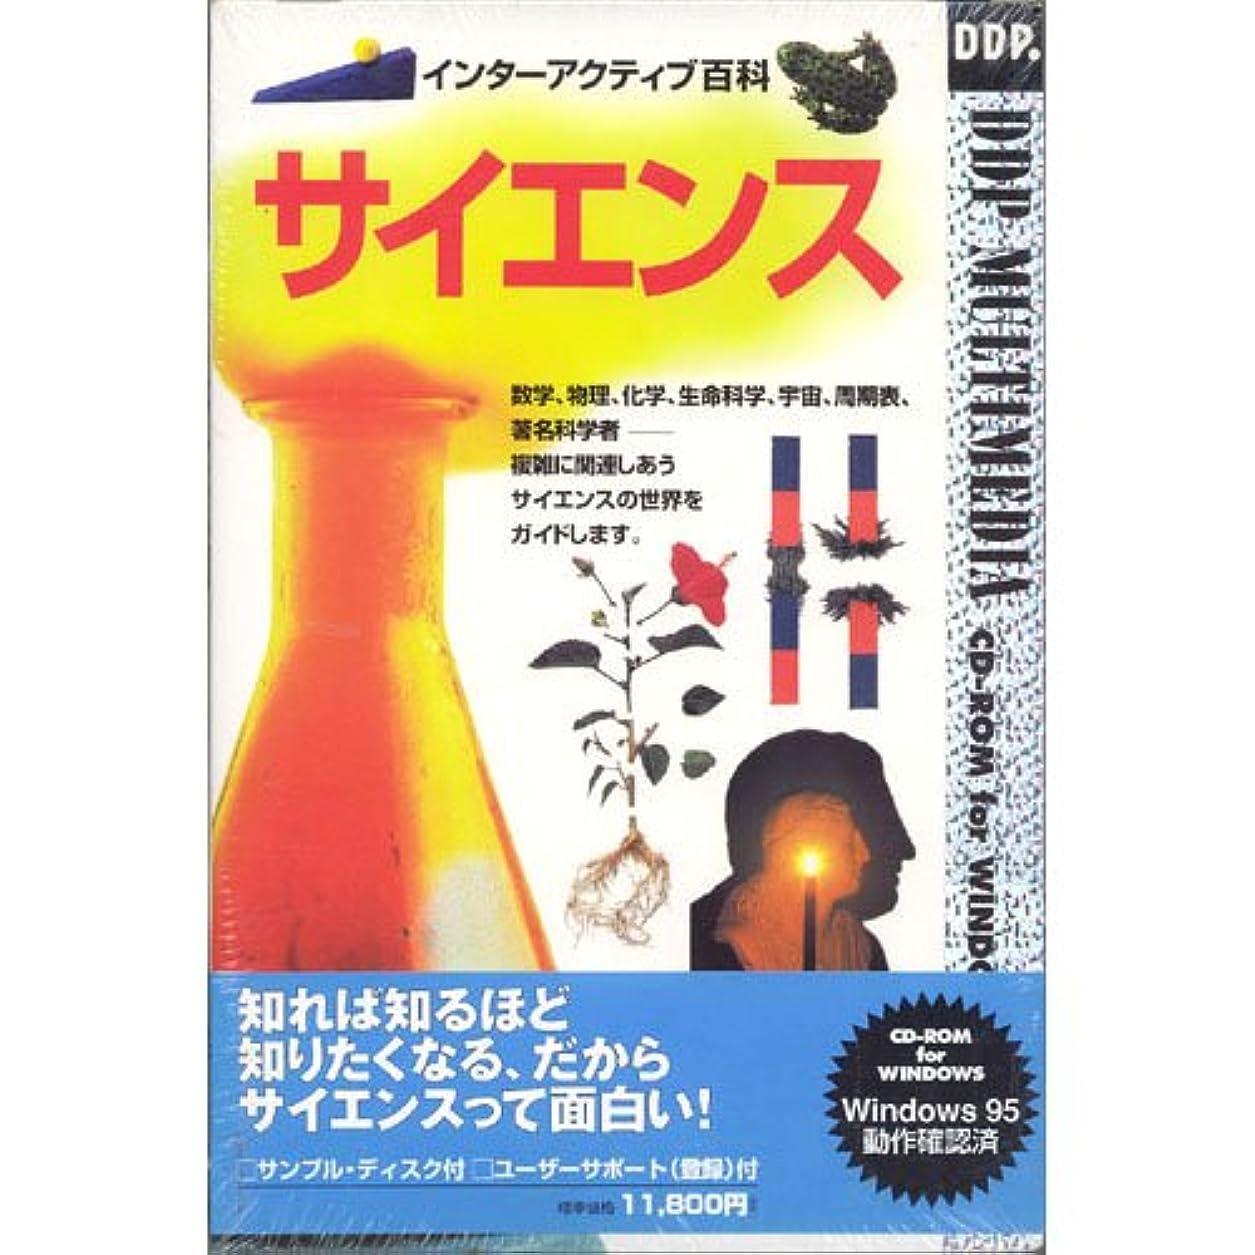 パラナ川本物土砂降りインターアクティブ百科「サイエンス」 CD-ROM for WINDOWS